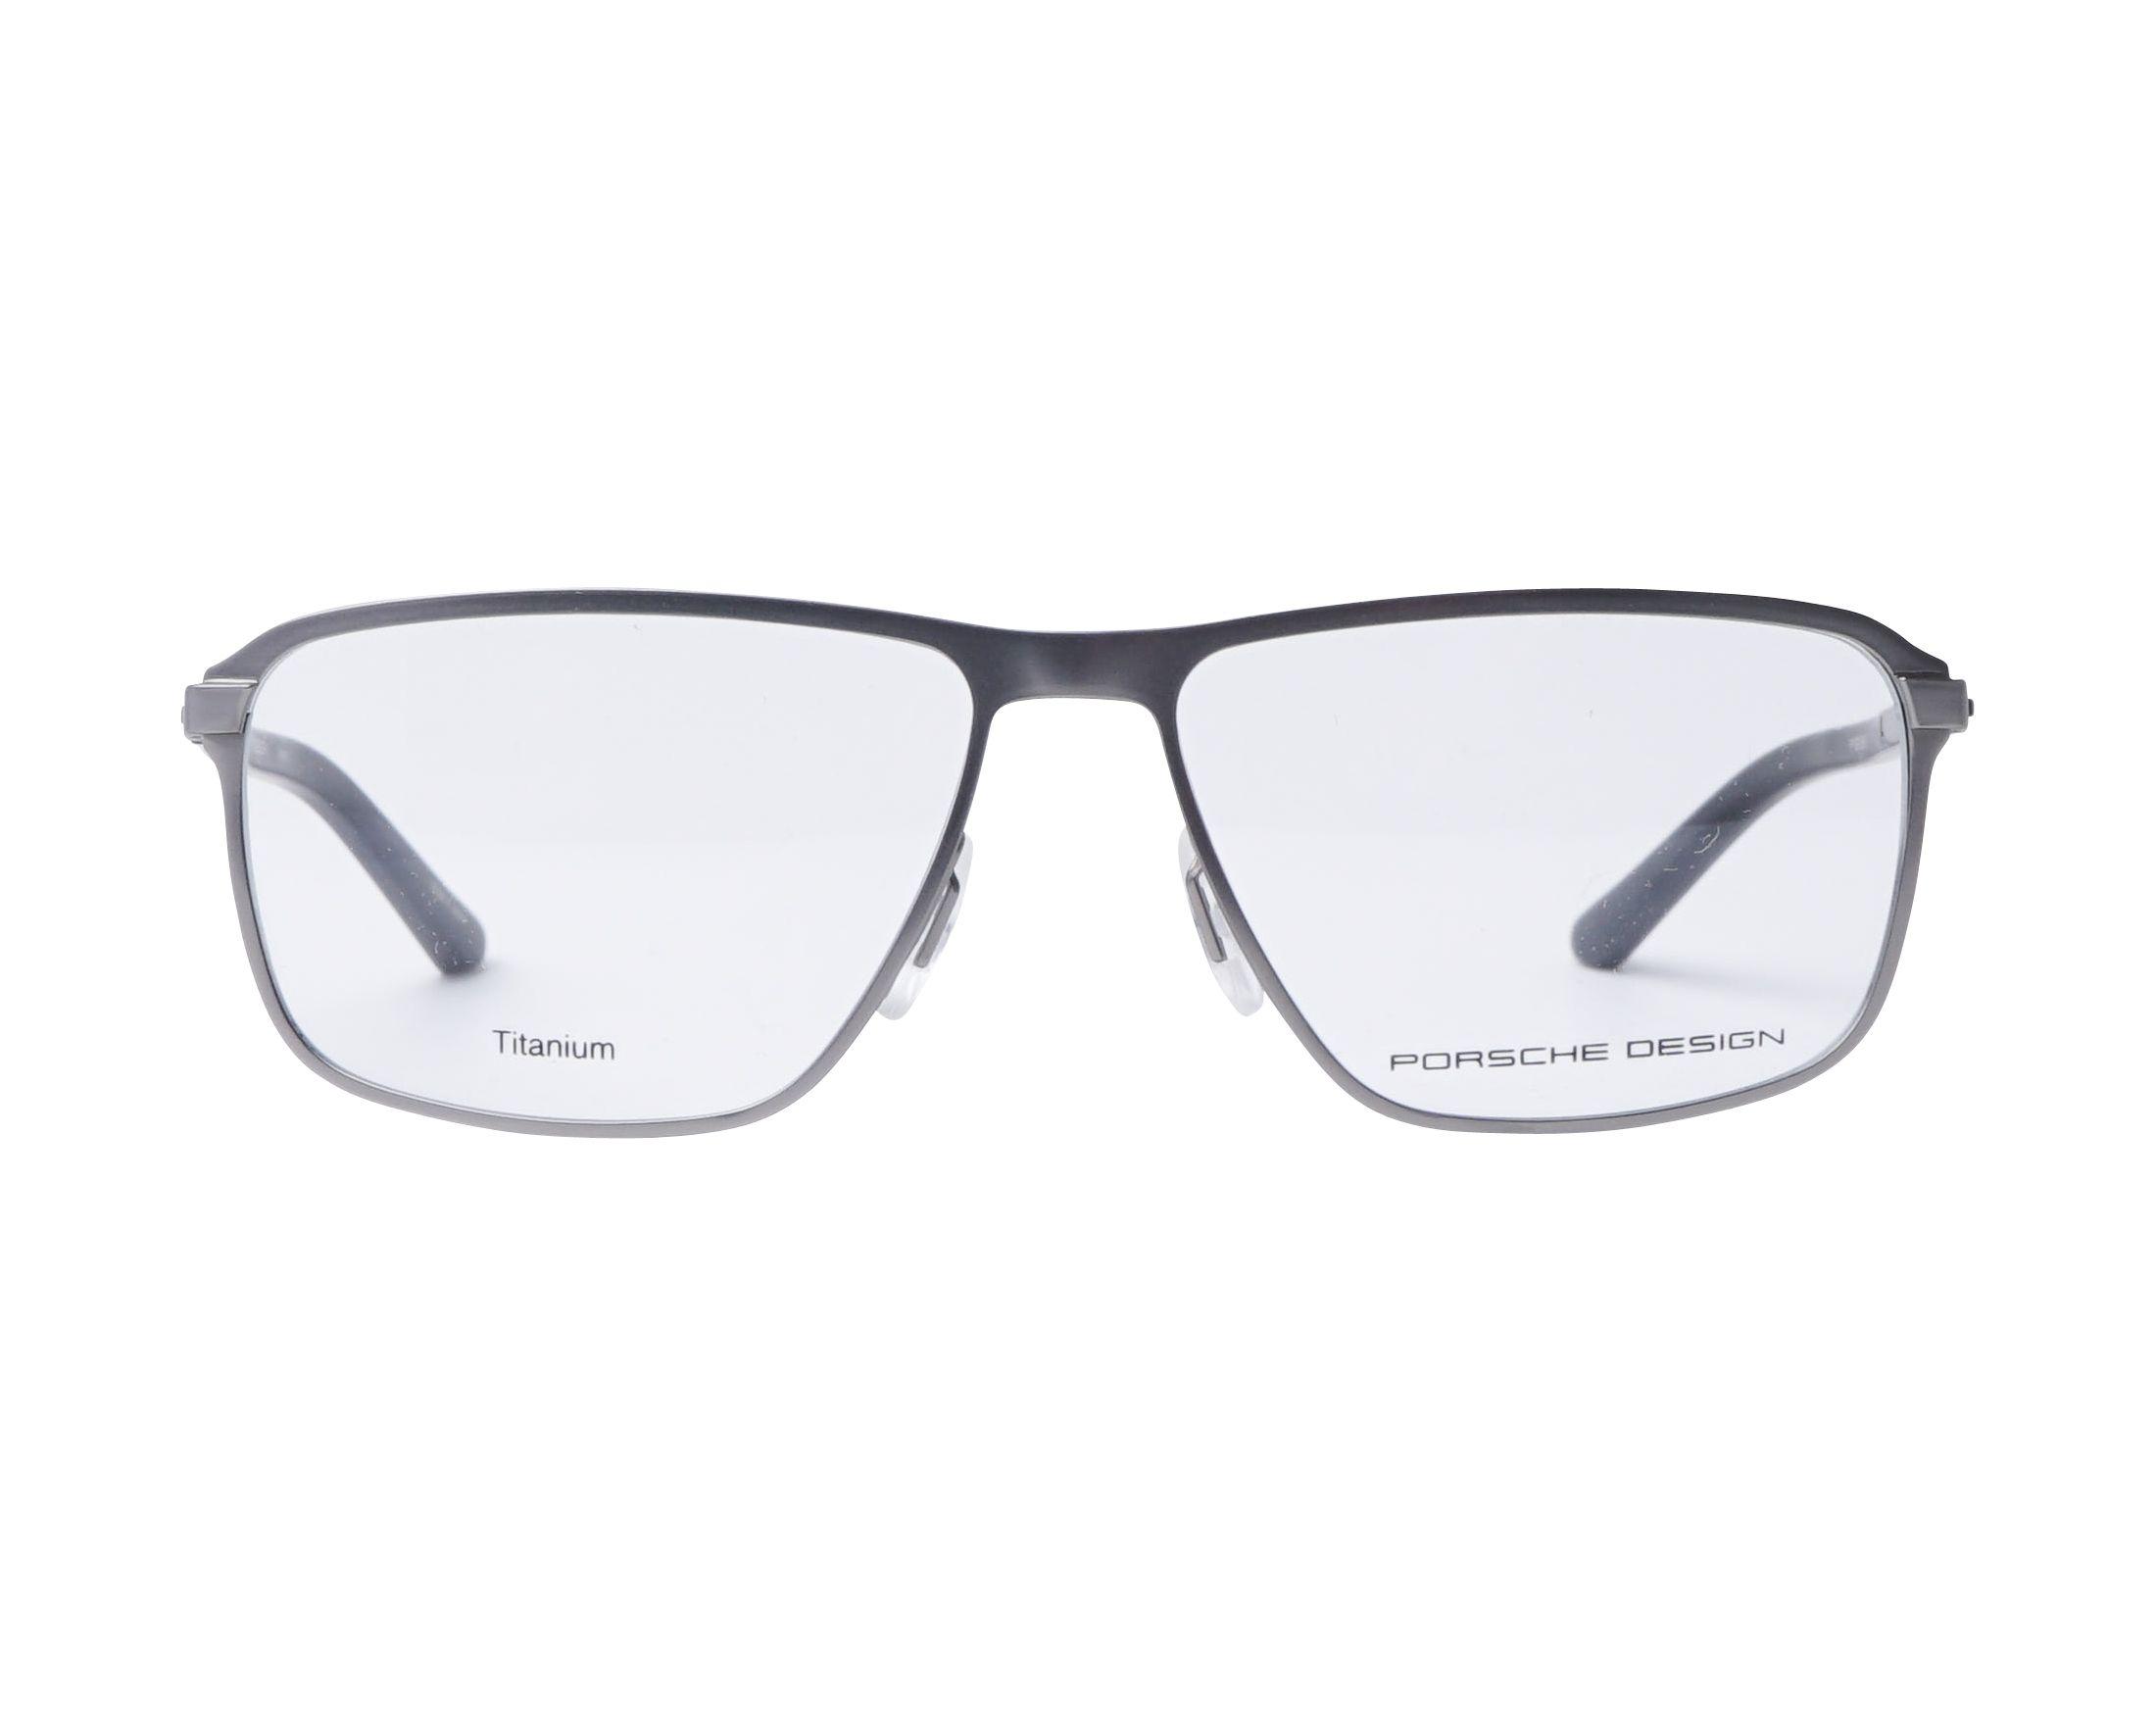 f22cab2ee8 Gafas Graduadas Porsche Design P-8285 C 54-14 Plata Negra vista de frente